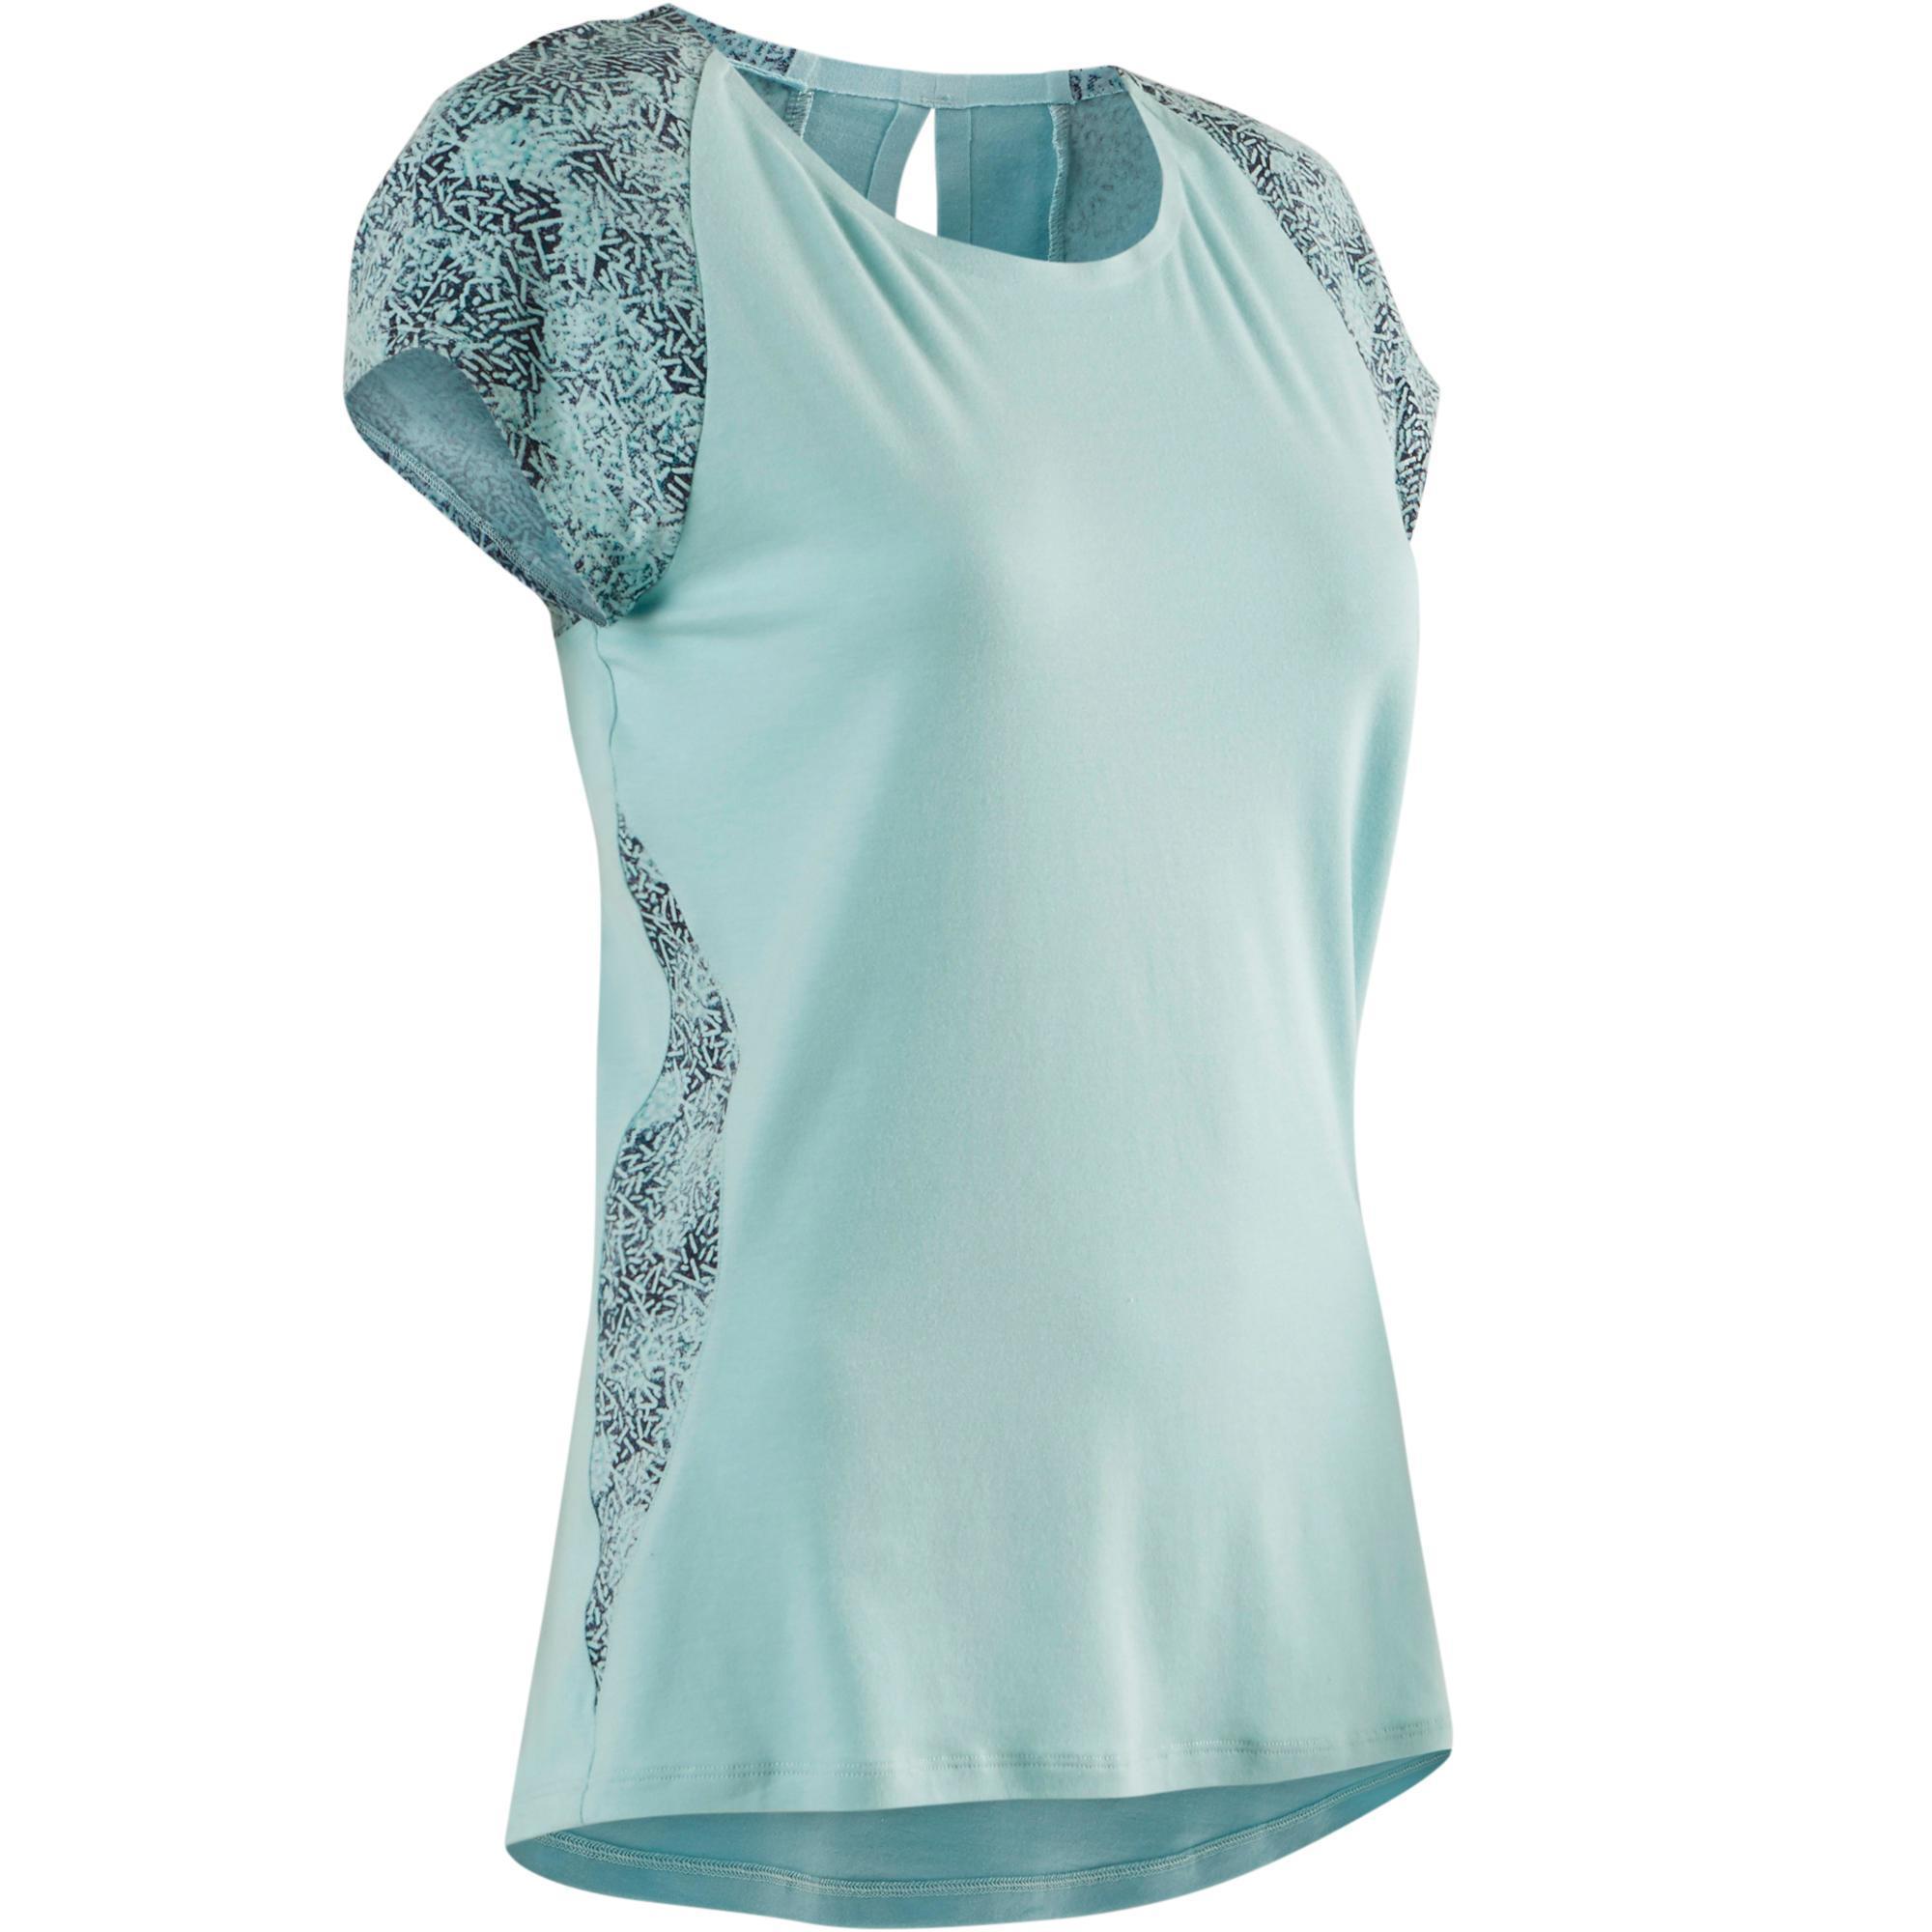 Domyos T-shirt 520 pilates en lichte gym dames lichtblauw